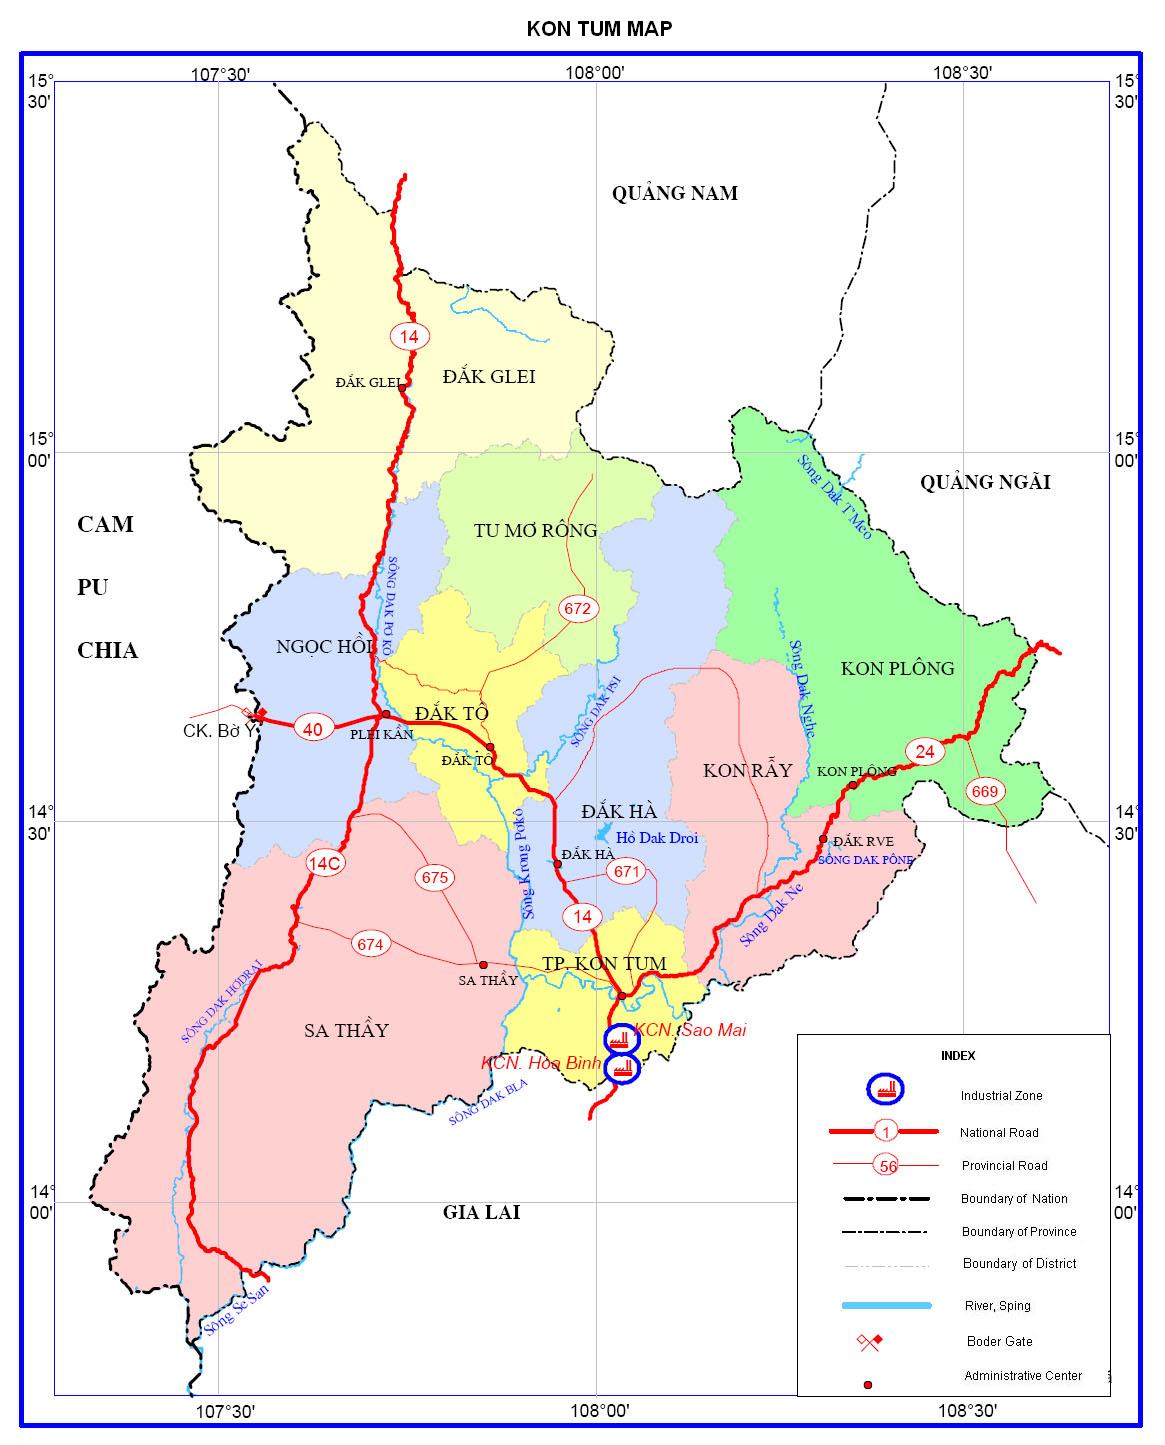 Bảng giá nhà đất Kon Tum từ năm 2015 đến 2020